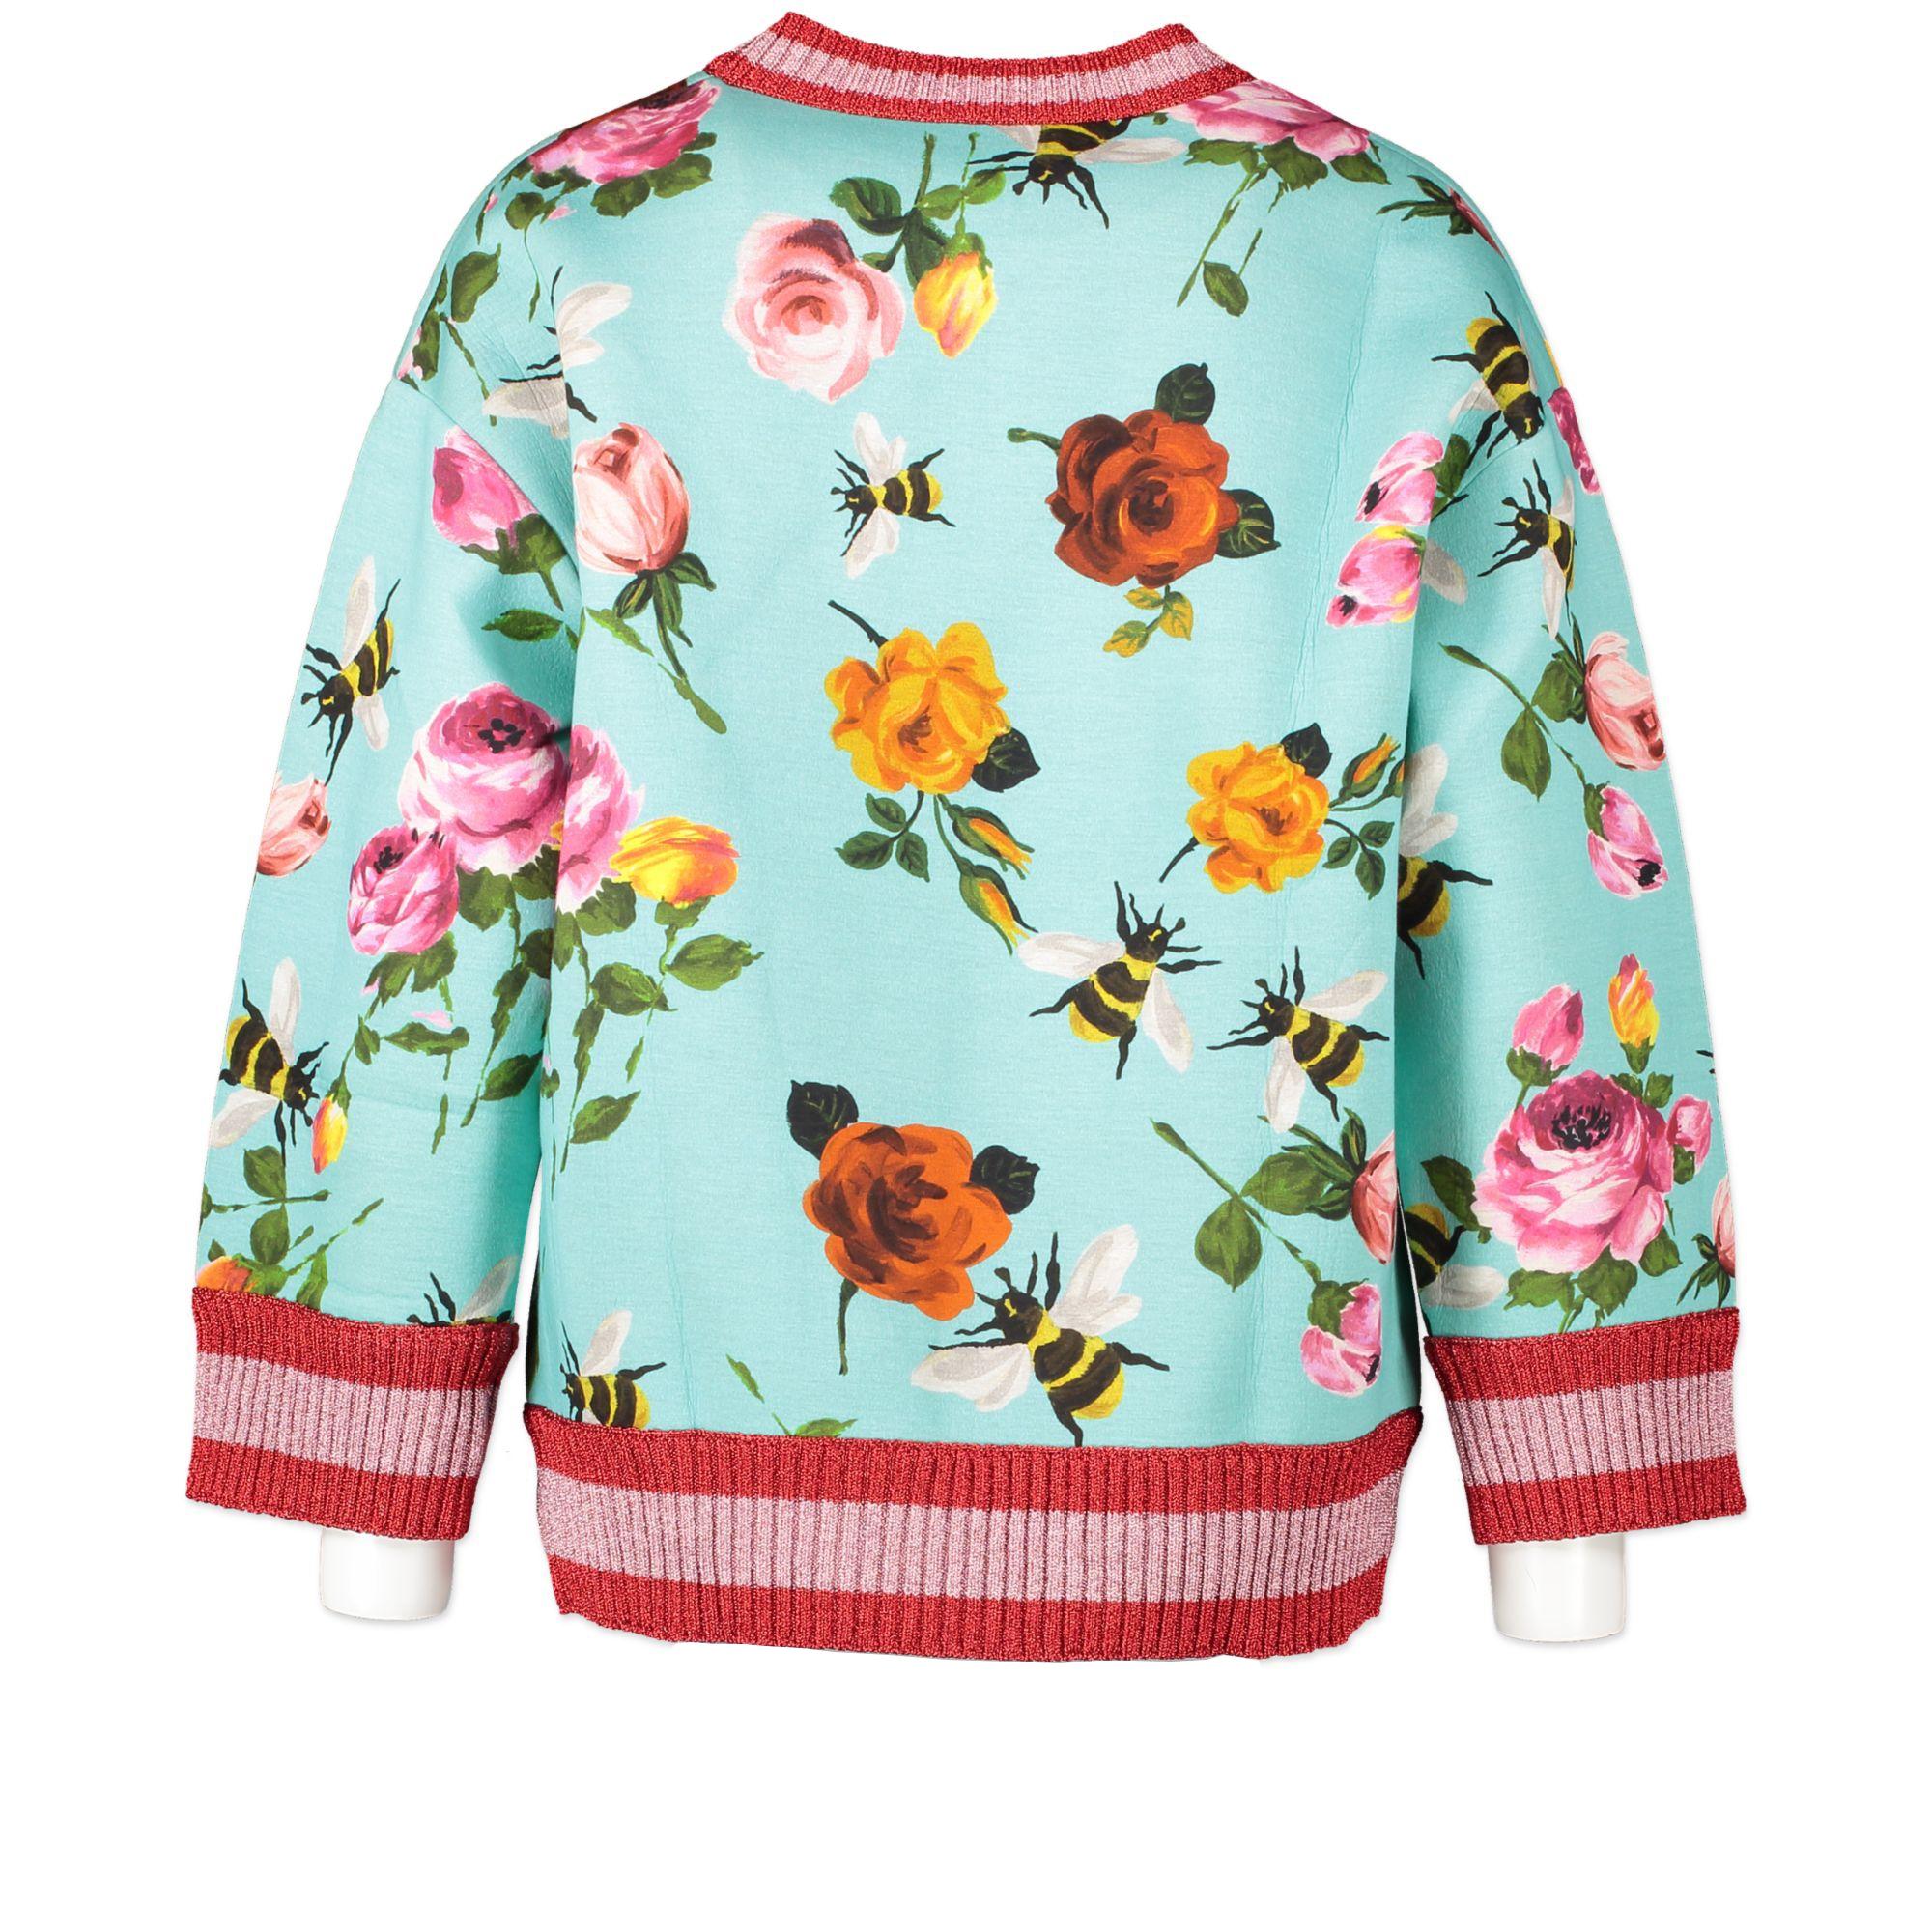 Gucci Blue Neoprene Bees & Roses Web Sweater - size S - te koop bij tweedehands boetiek Labellov